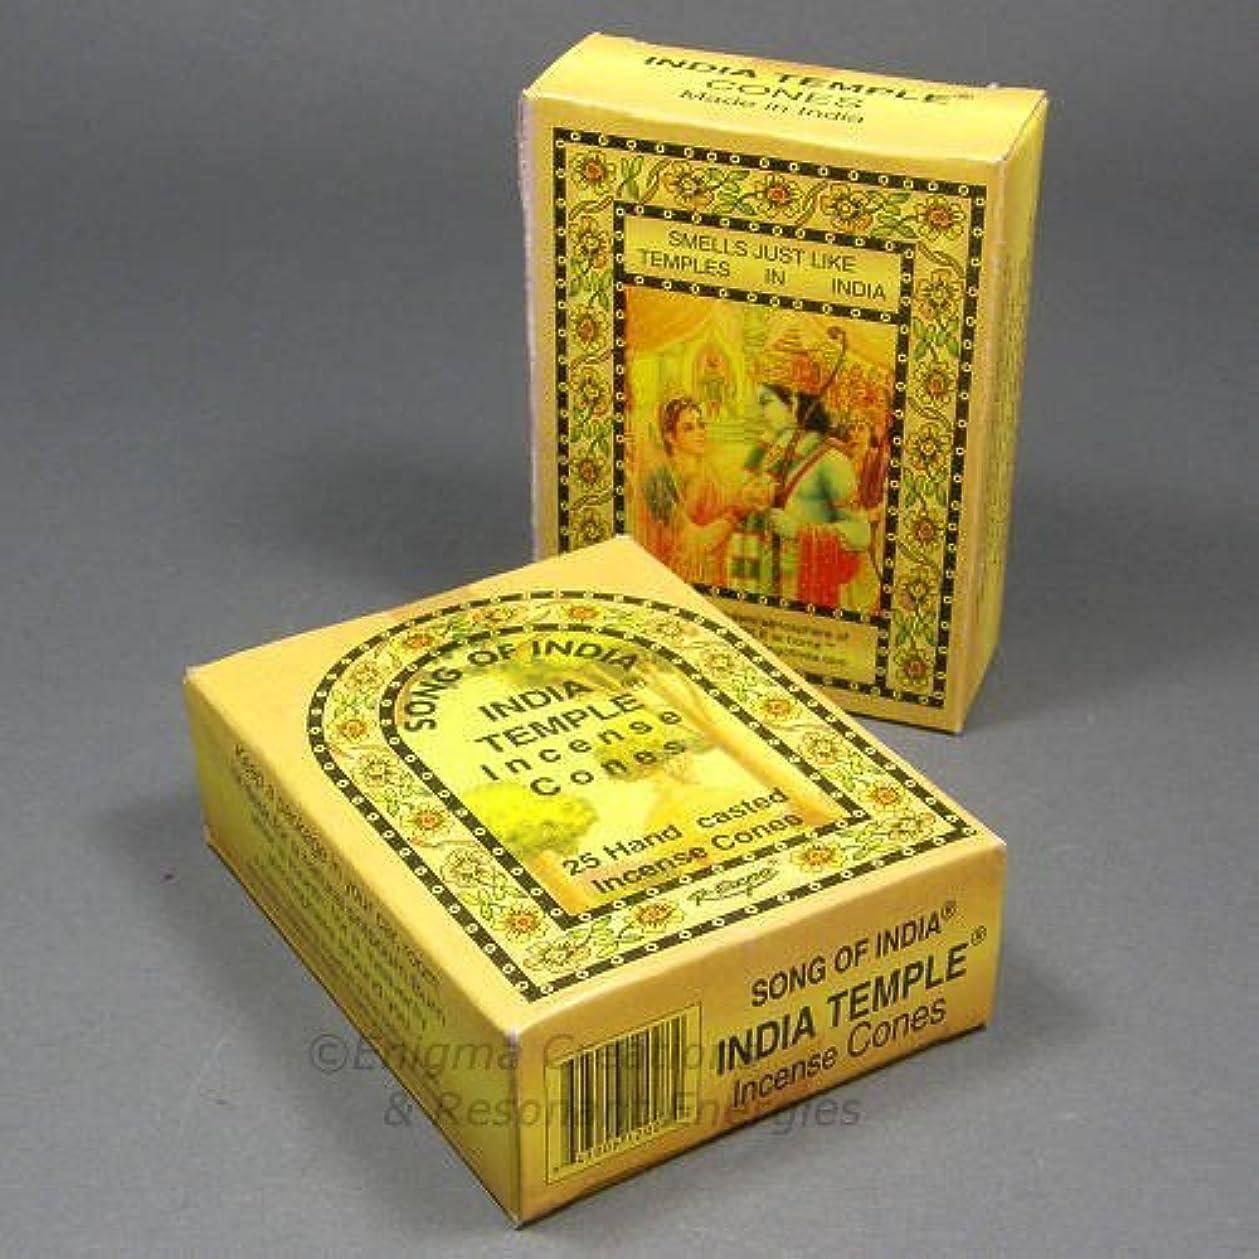 思い出す在庫バックグラウンドSong of India - India Temple Cone Incense, 2 x 25 Cone Pack, 50 Cones Total, (IN7) by Song of India